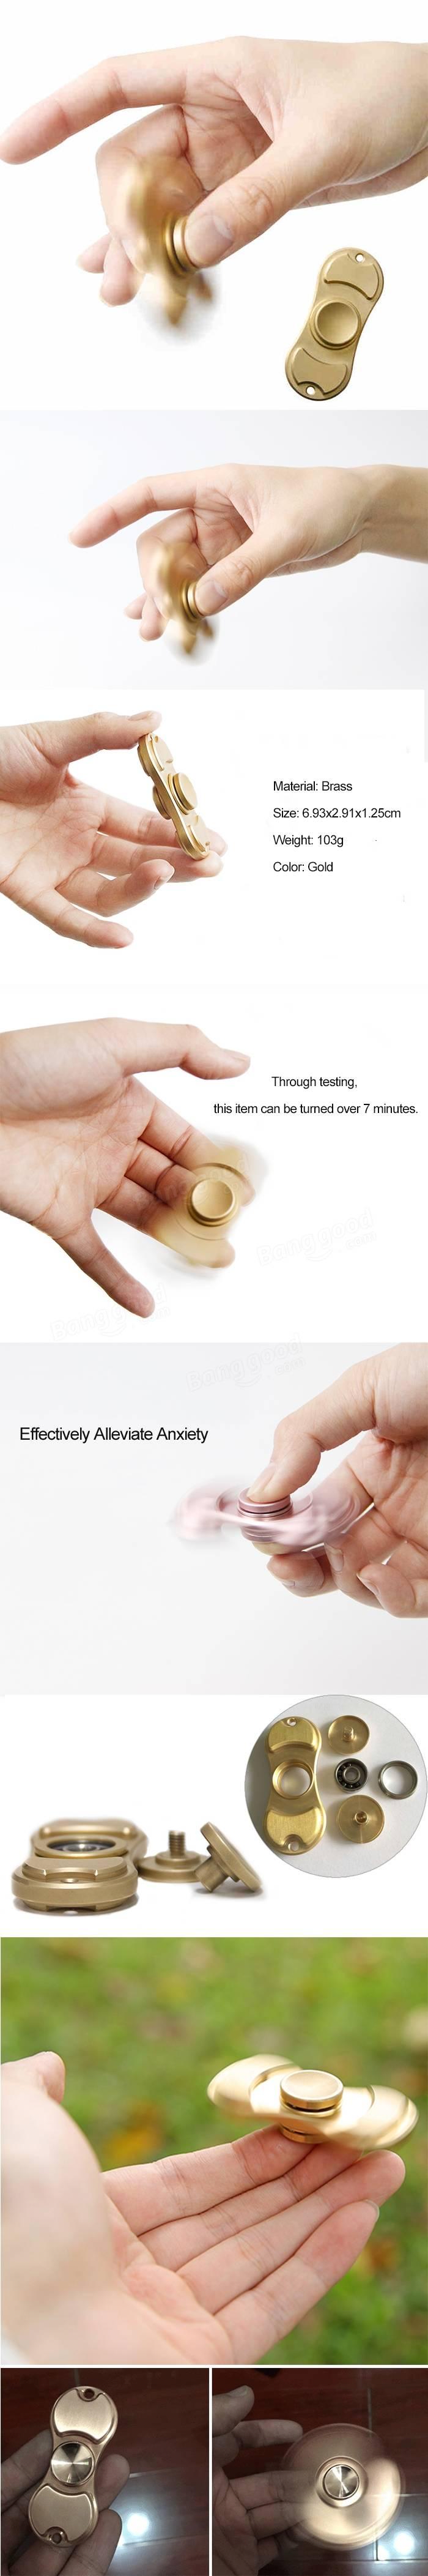 EDC Over 7 min Rotating Hand Spinner Fingertips Spiral Fingers Gyro Brass Reduce Pressure